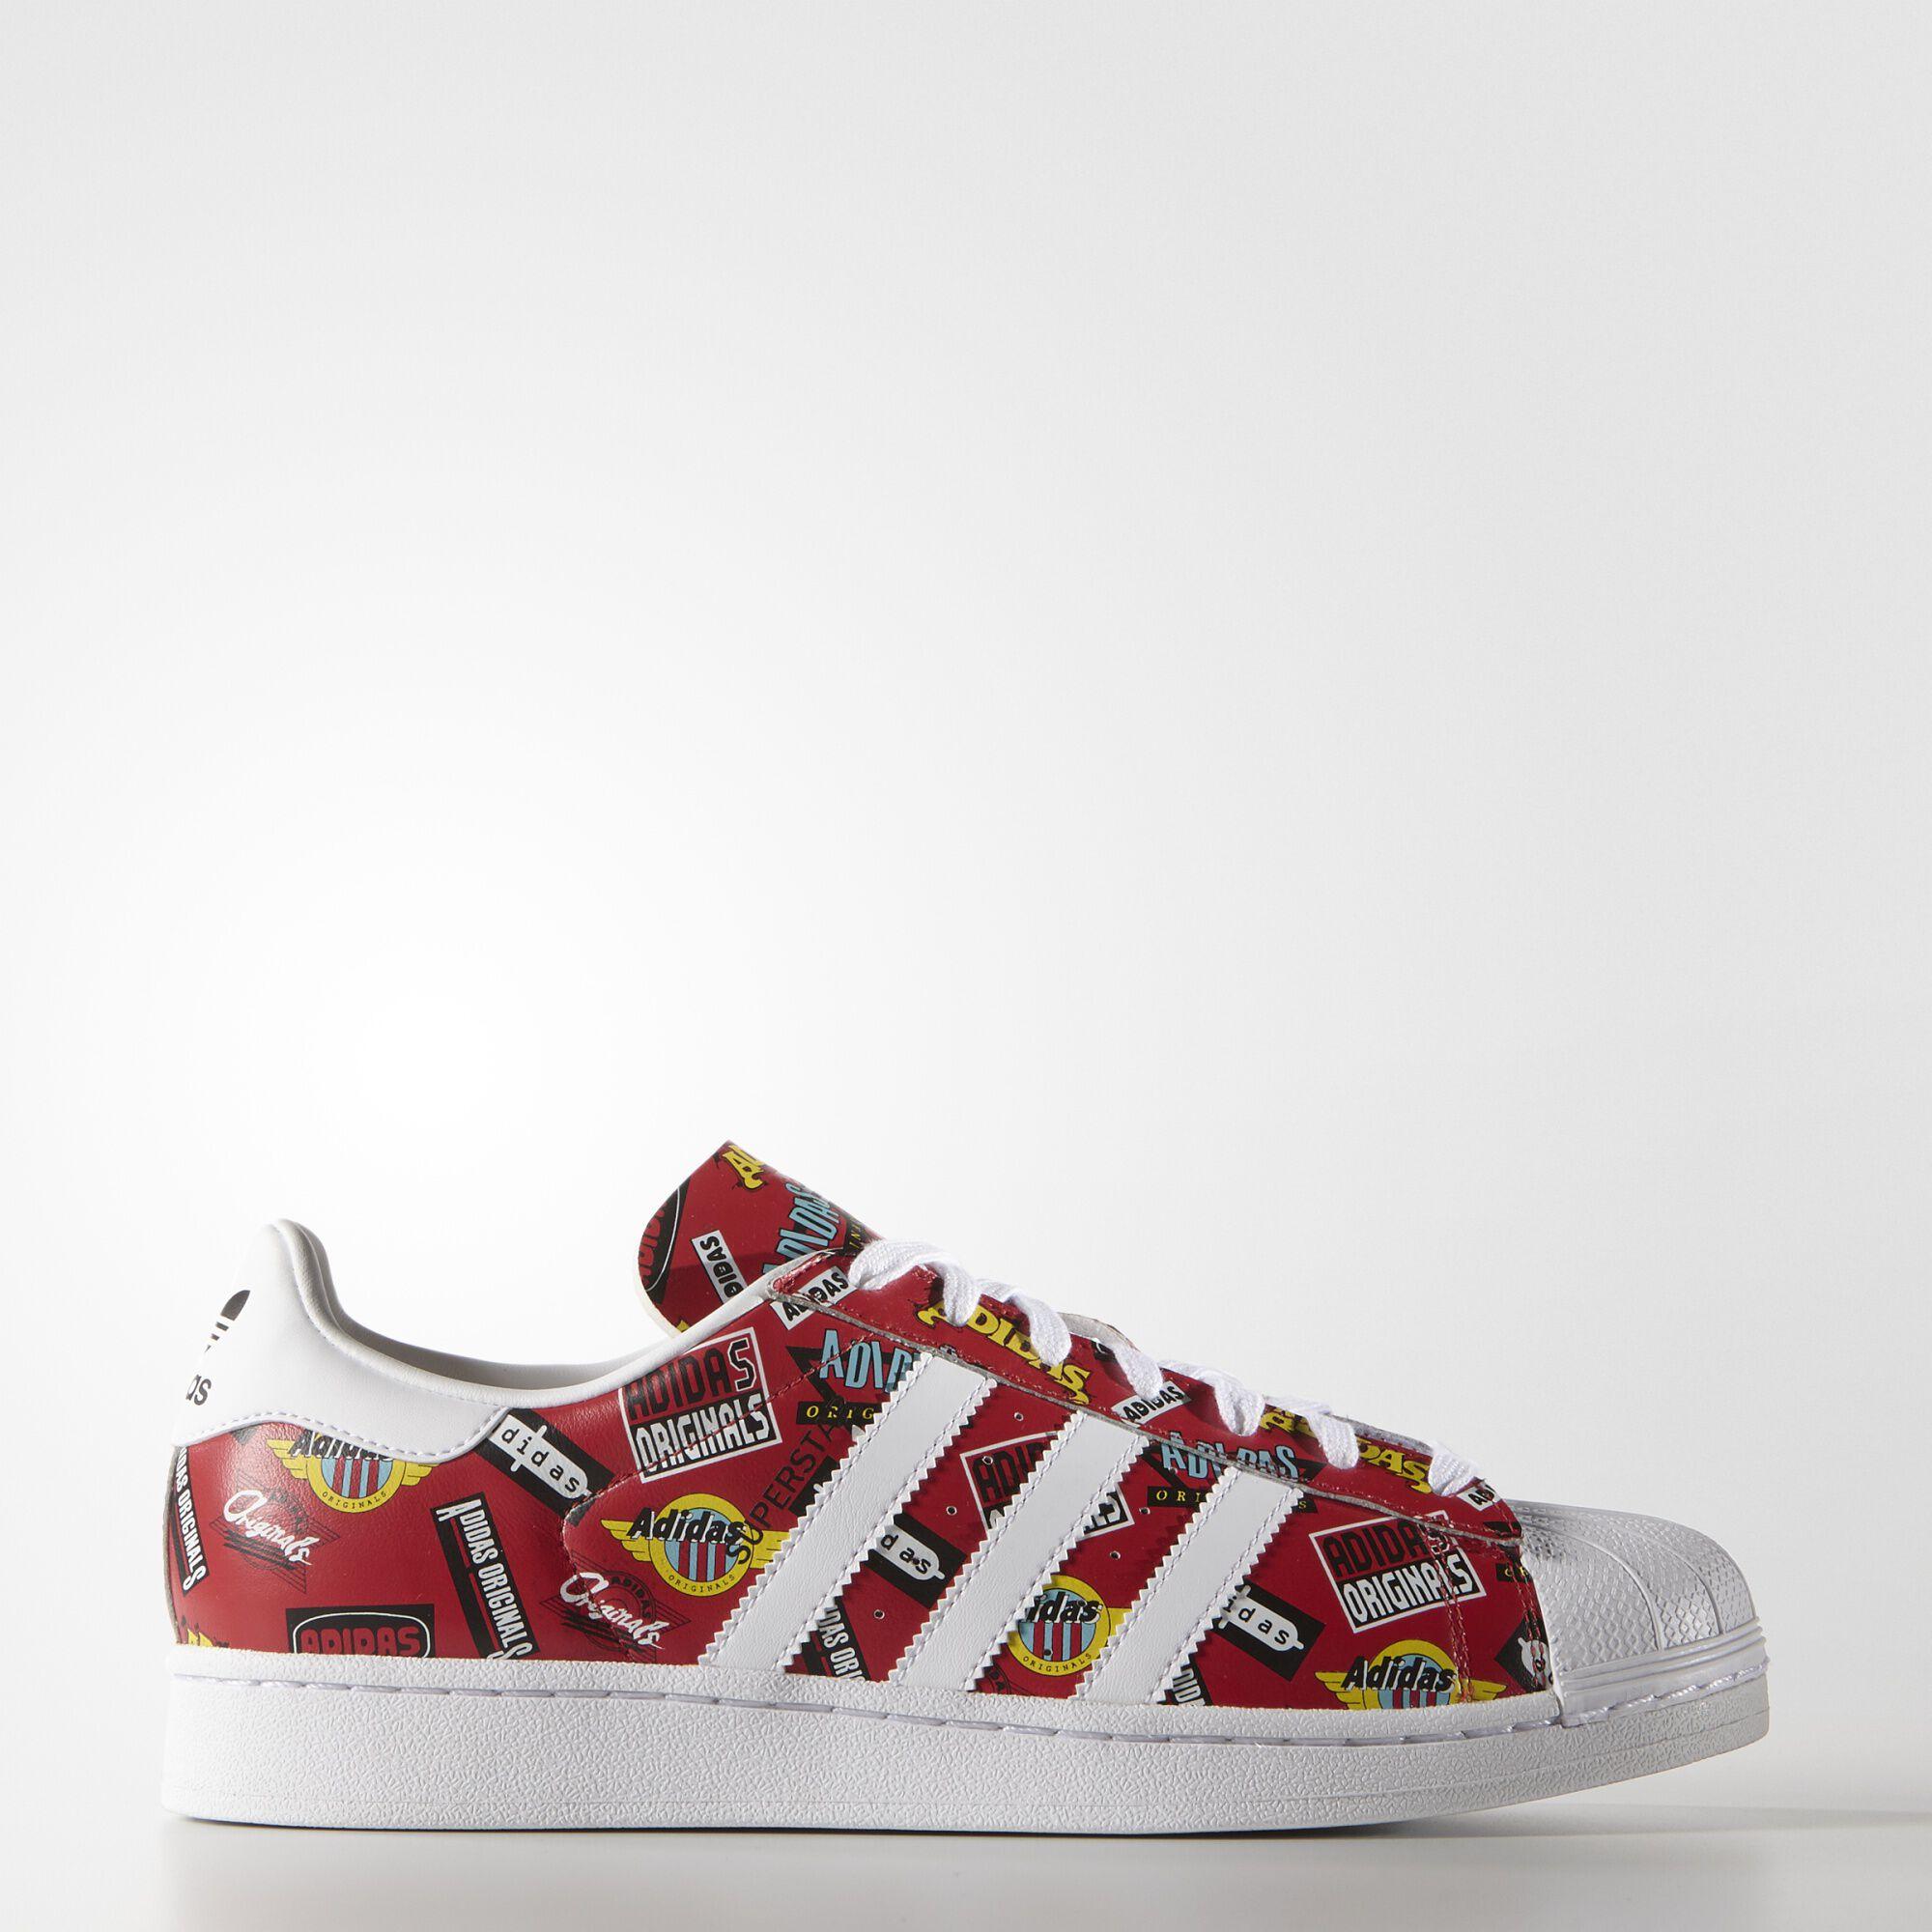 adidas , Zapatillas Originals Superstar Nigo Scarlet/White/Bluebird S83388